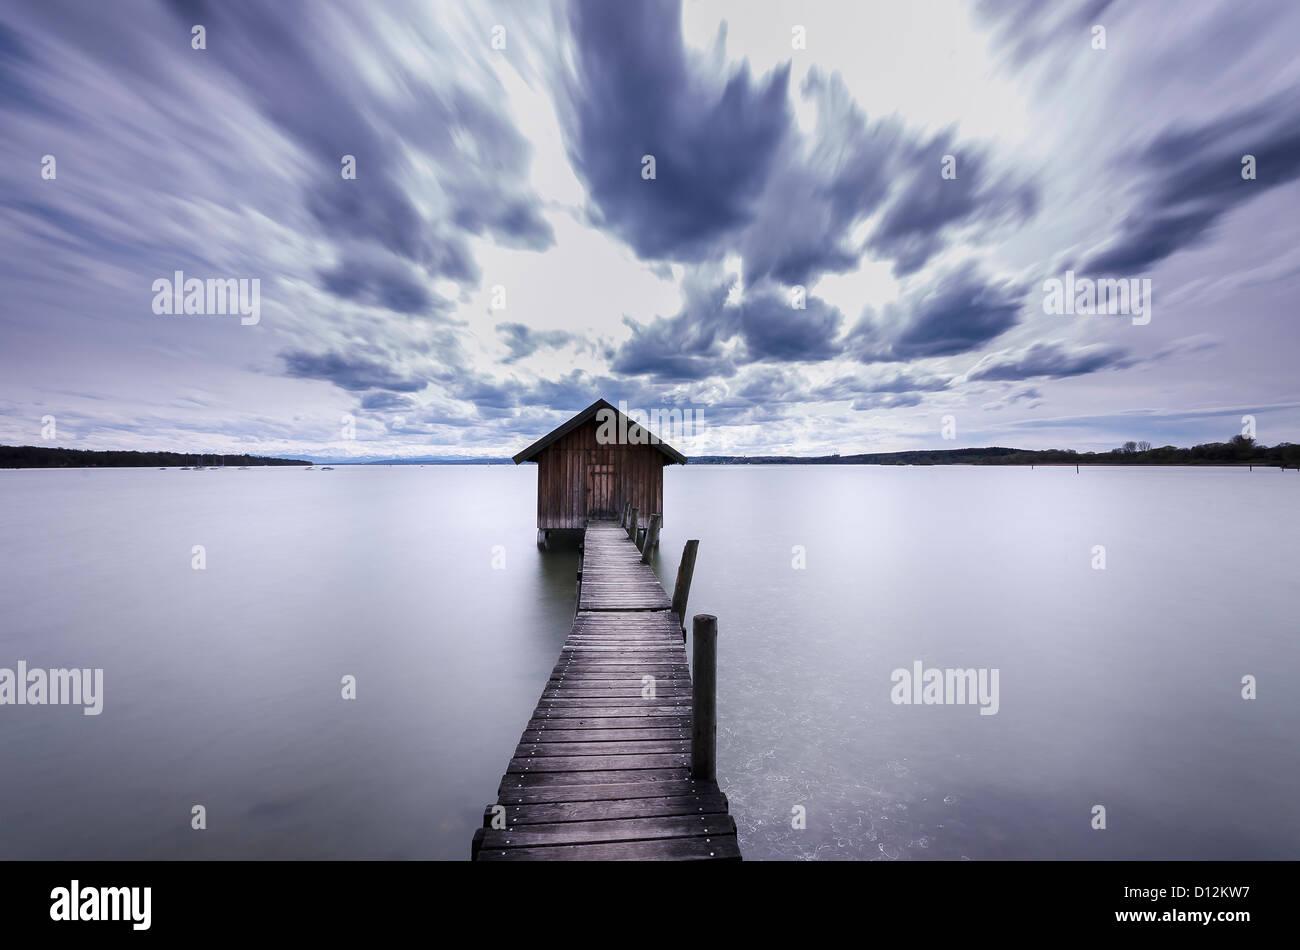 Deutschland, Bayern, Blick auf Bootshaus mit Badesteg am Ammersee See Stockbild